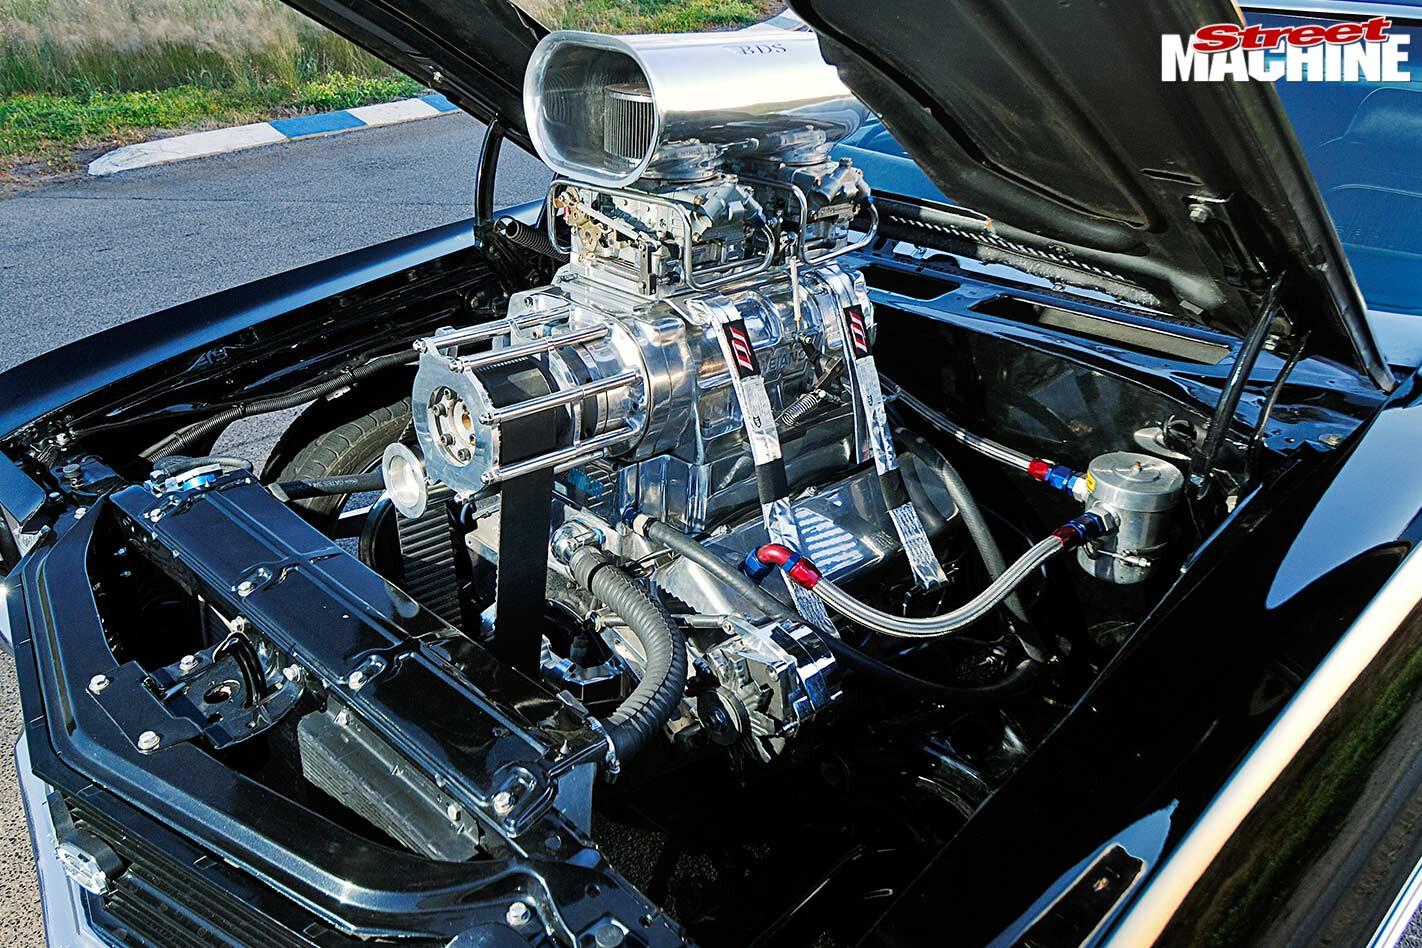 Chevelle engine bay